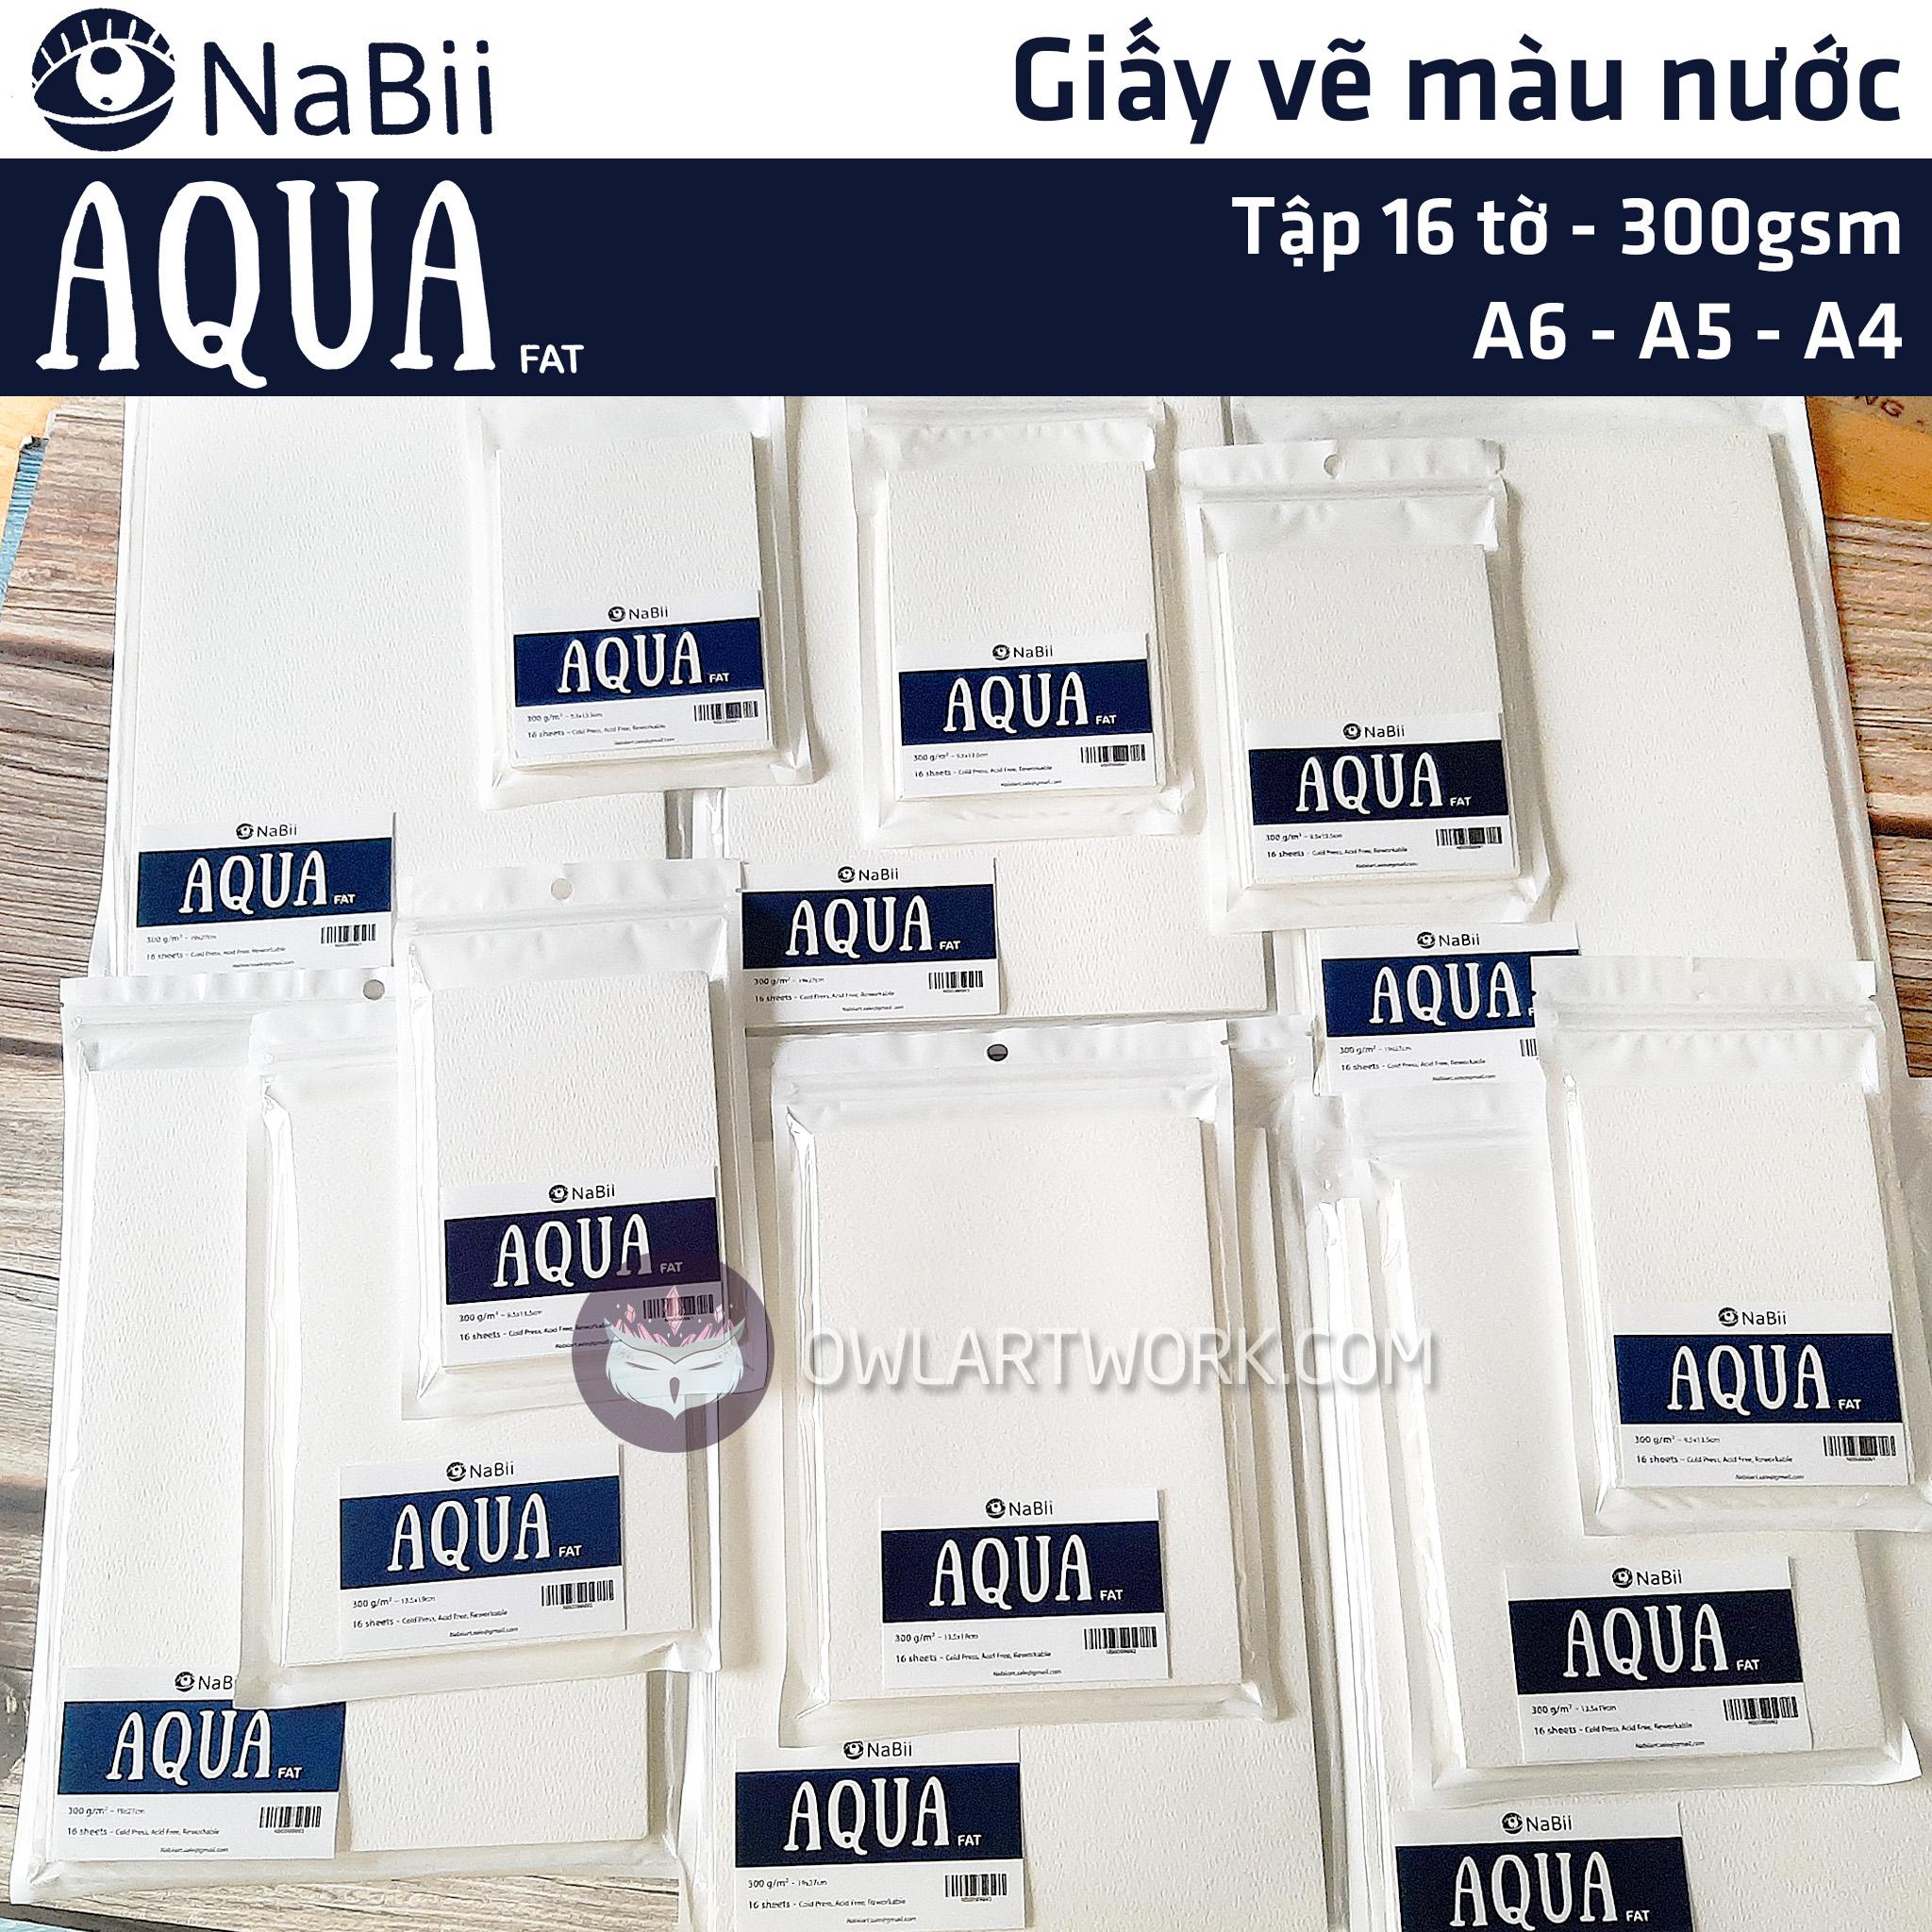 [HCM]Giấy Nabii Aqua Fat vẽ màu nước 300 gsm 16 tờ - Tập lẻ - Thương Hiệu Uy Tín - Họa cụ Cú Tuyết